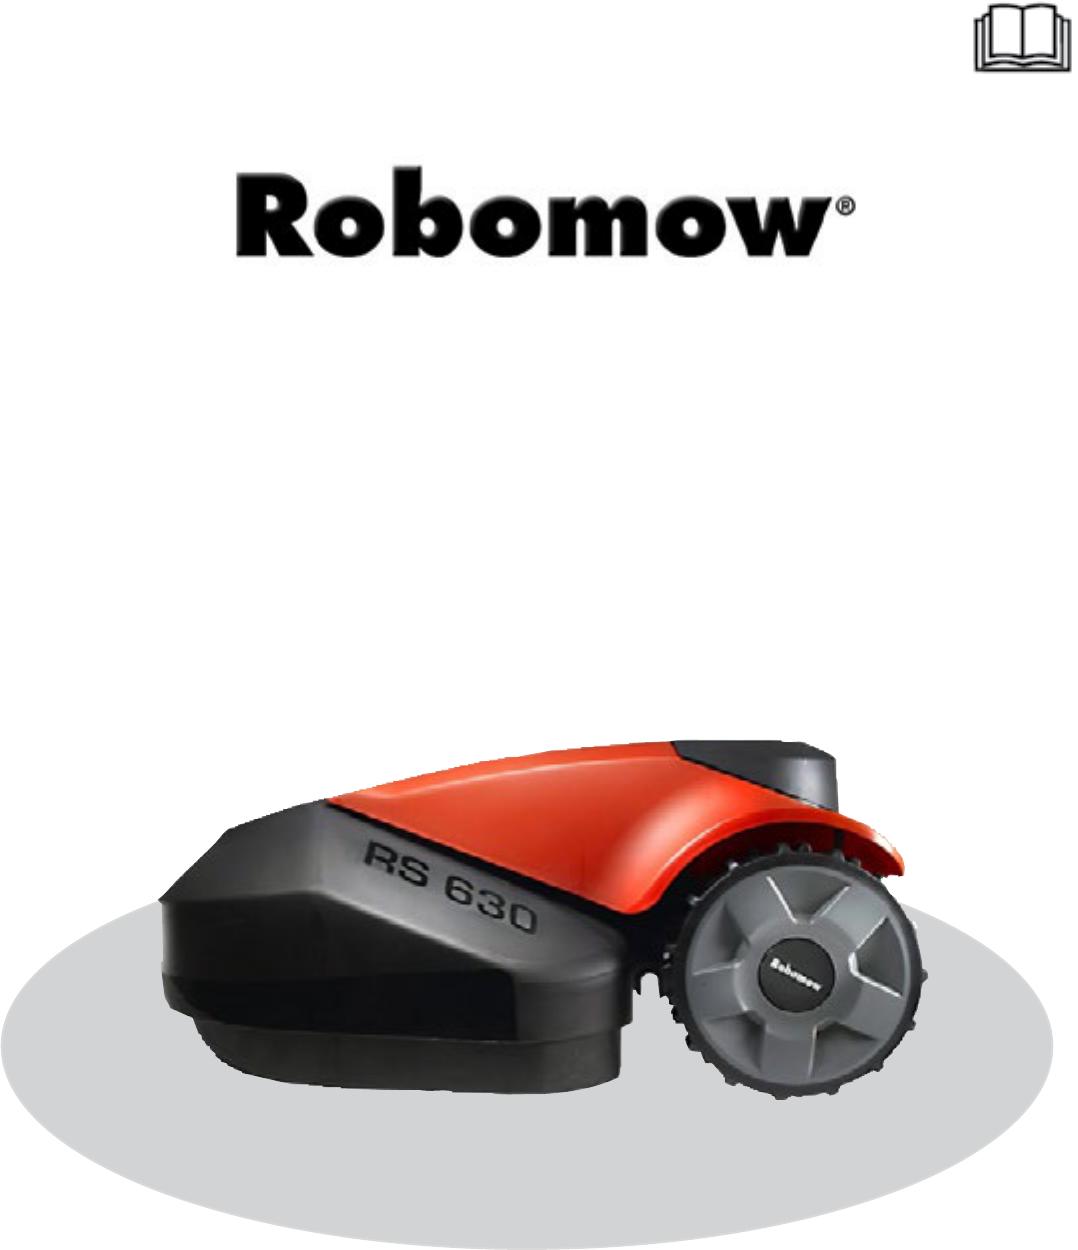 bedienungsanleitung robomow rs622 seite 1 von 54 holl ndisch. Black Bedroom Furniture Sets. Home Design Ideas